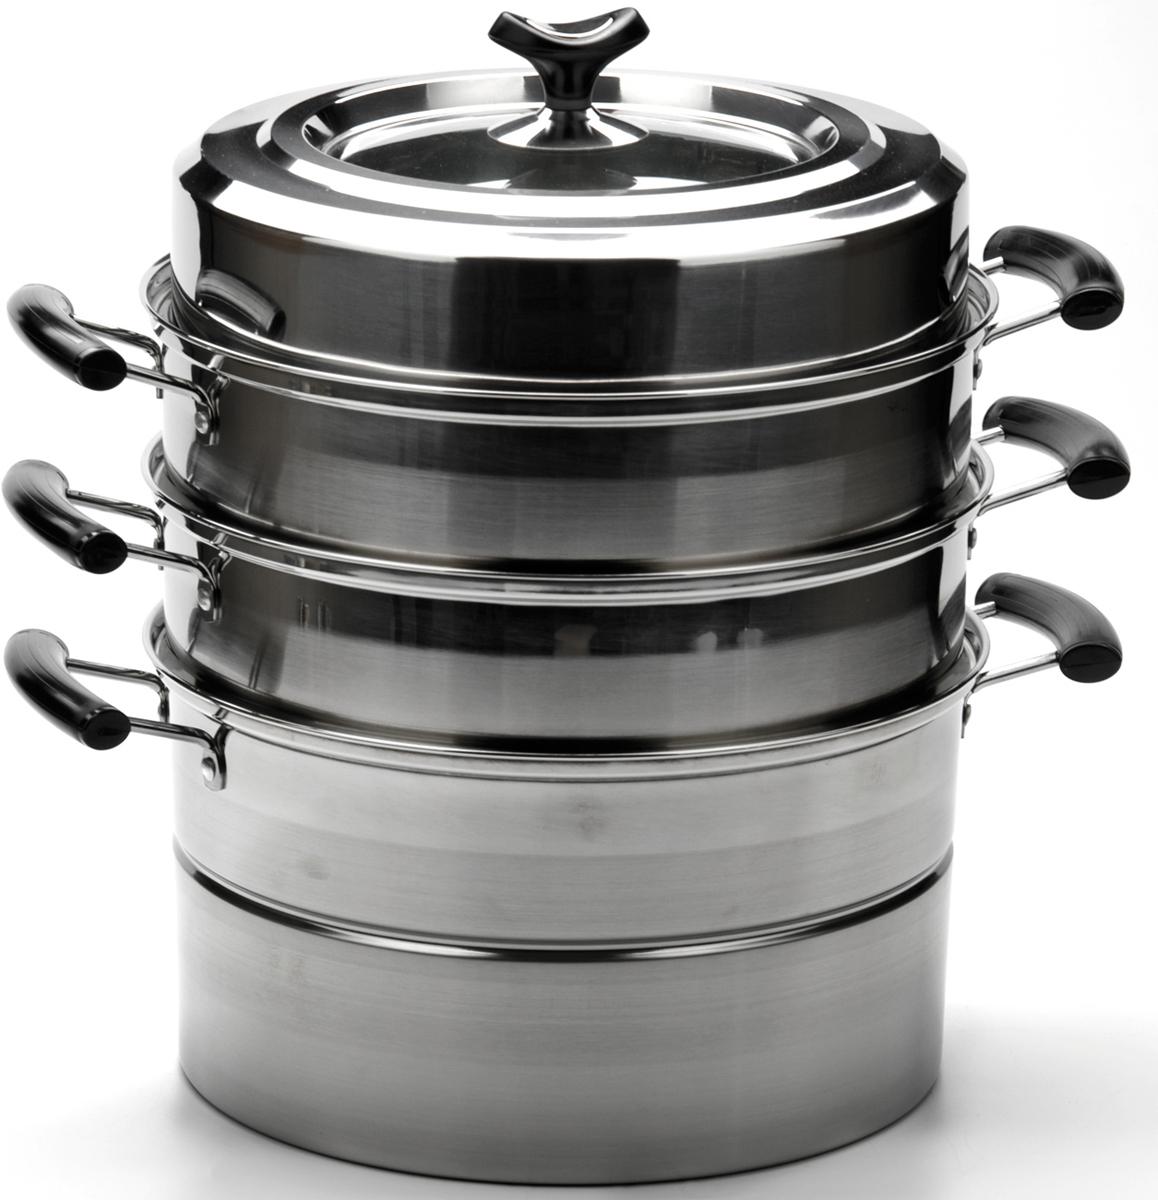 """Мантоварка 4-ярусная """"Mayer & Boch"""" выполнена из высококачественной нержавеющей стали. Мантоварка - это специальная многоуровневая кастрюля с помощью которой можно готовить блюда на пару. Через отверстия в днищах ярусов происходит доступ пара от кипящей воды к приготовляемым продуктам. Идеально подходит для блюд национальной кухни: мант, поз, паровых пельменей и т.п. Кроме этого, на пару можно готовить множество других полезных диетических блюд. Мантоварка оснащена удобными бакелитовыми ручками и стеклянной крышкой, через которую можно наблюдать за процессом готовки. Подходит для всех типов плит. Подходит для мытья в посудомоечной машине."""